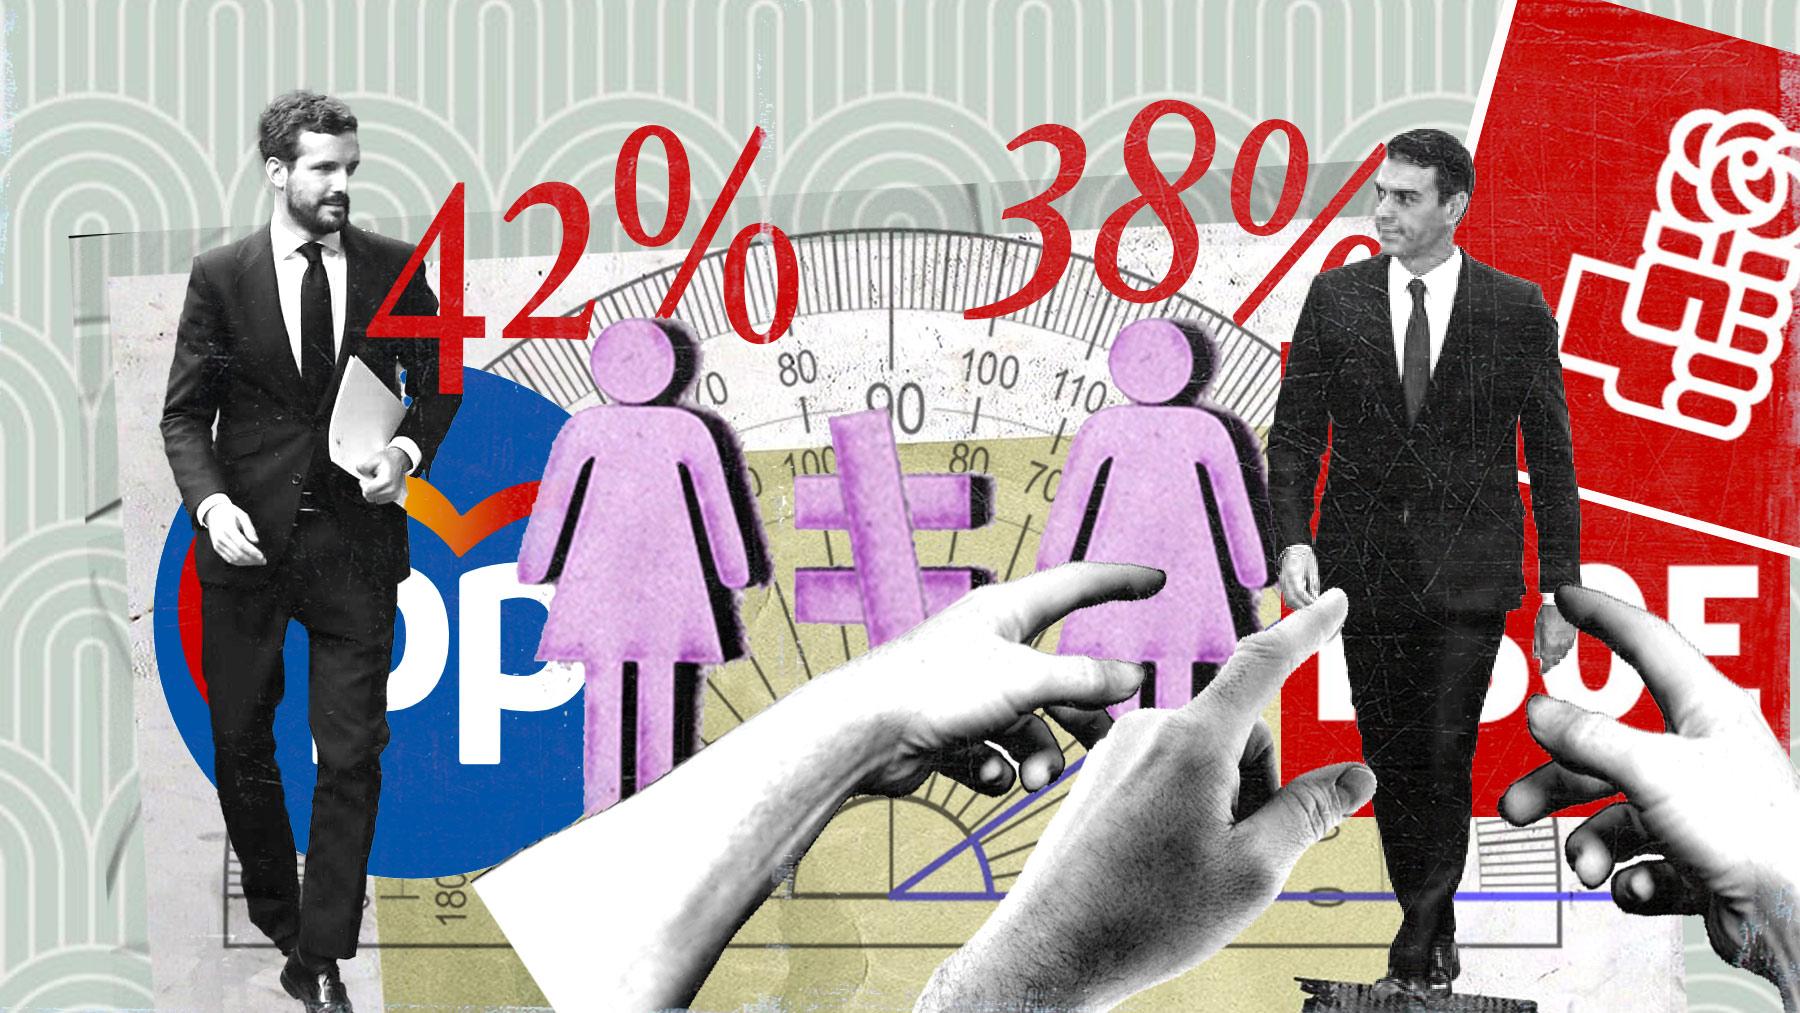 El PP gana al PSOE en porcentaje de sus afiliadas mujeres.